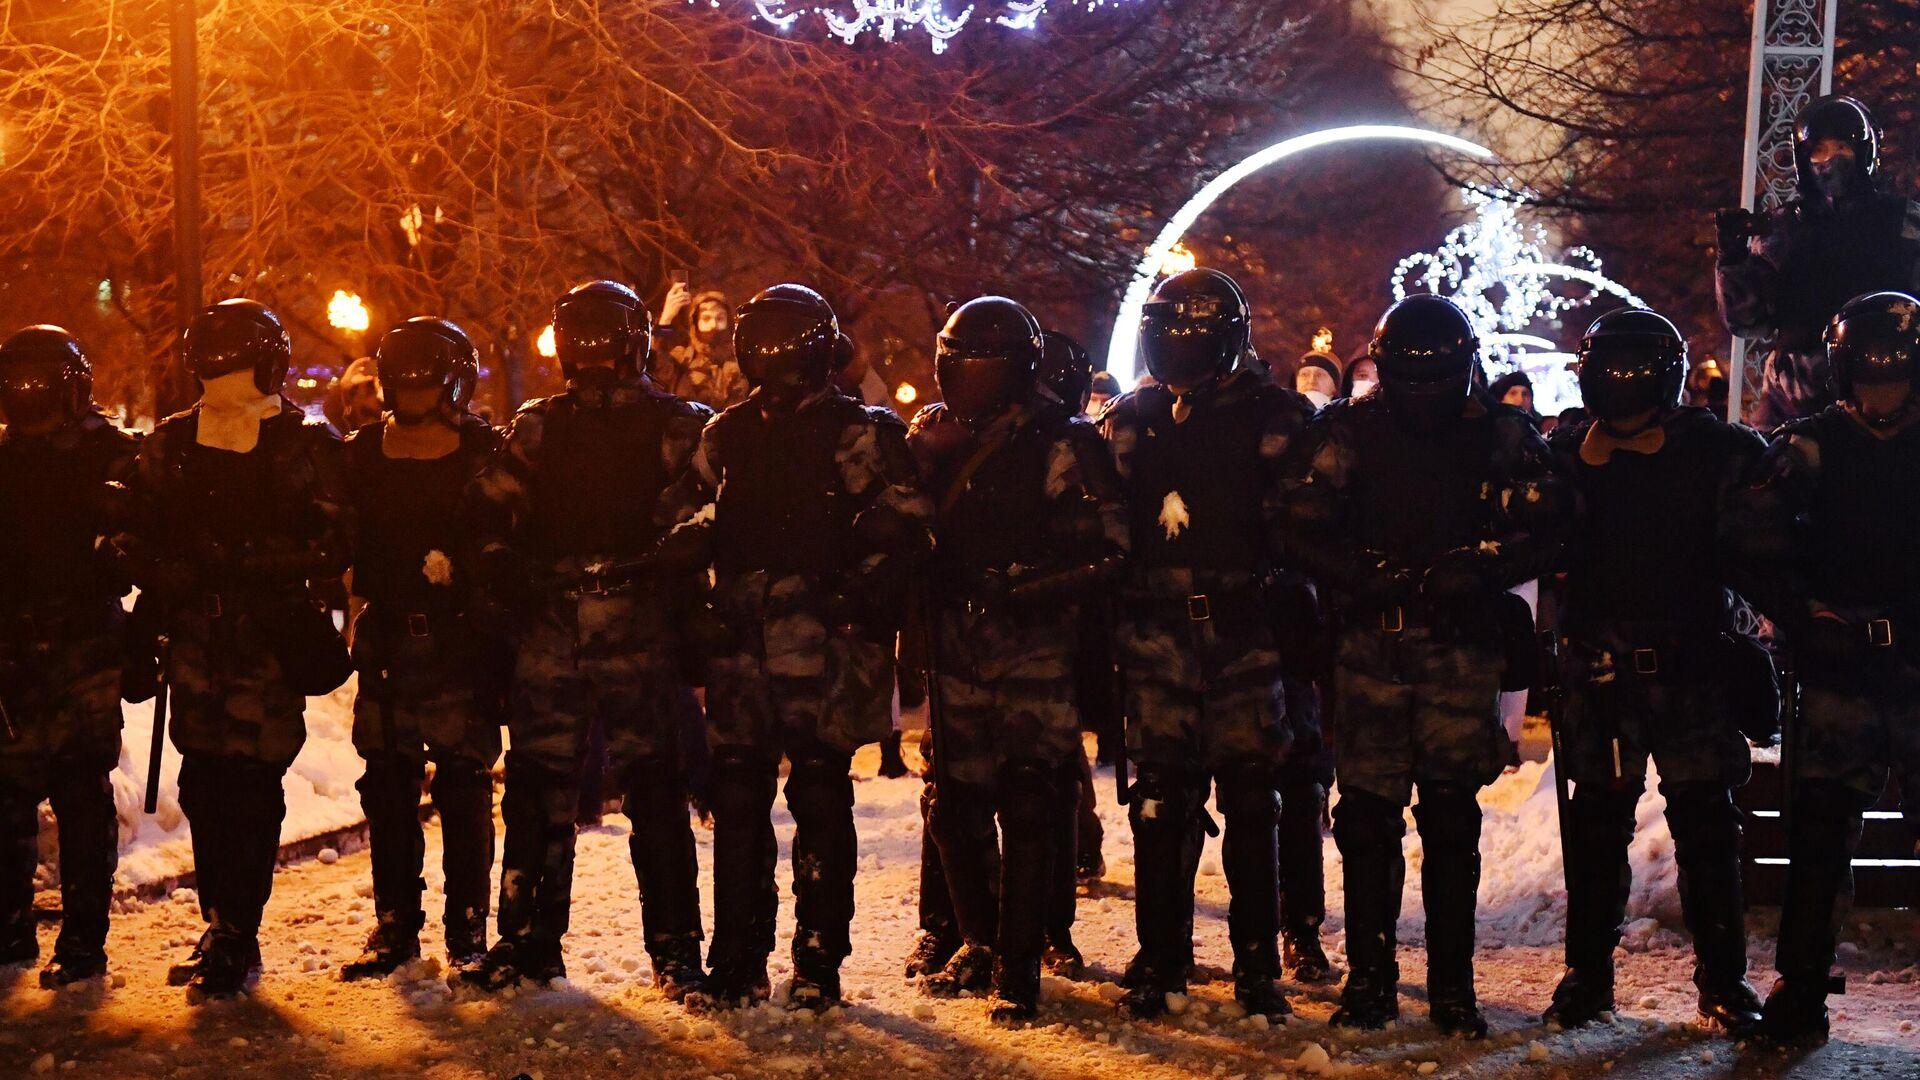 Сотрудники правоохранительных органов стоят в оцеплении на Цветном бульваре в Москве во время несанкционированной акции сторонников Алексея Навального - РИА Новости, 1920, 23.01.2021